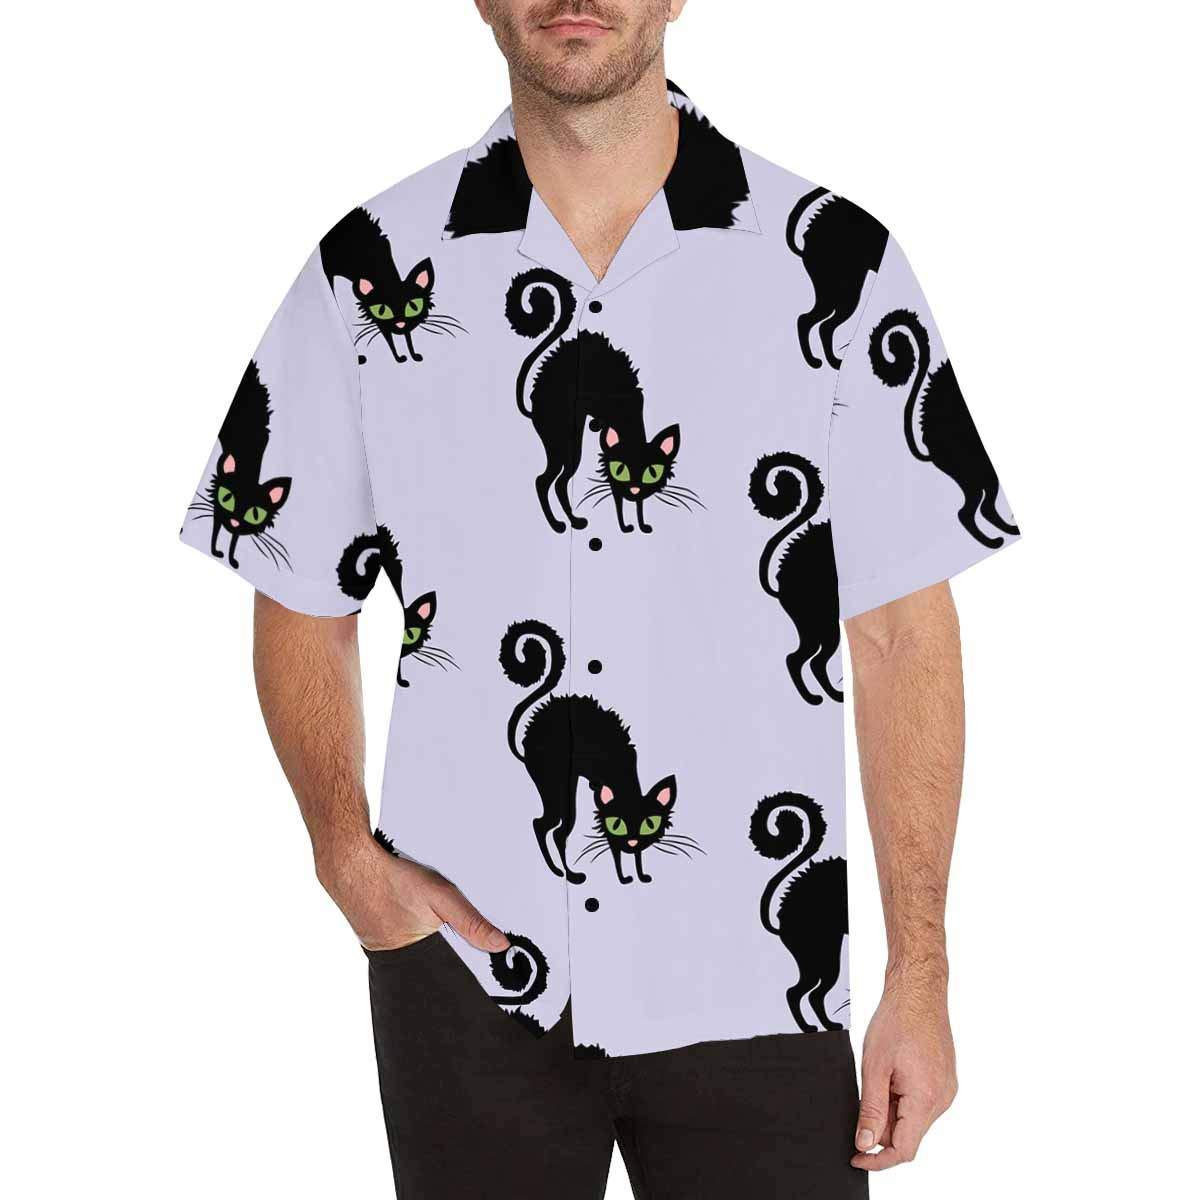 InterestPrint Short Sleeve Cat Shirt Tees Tops T-Shirts for Men